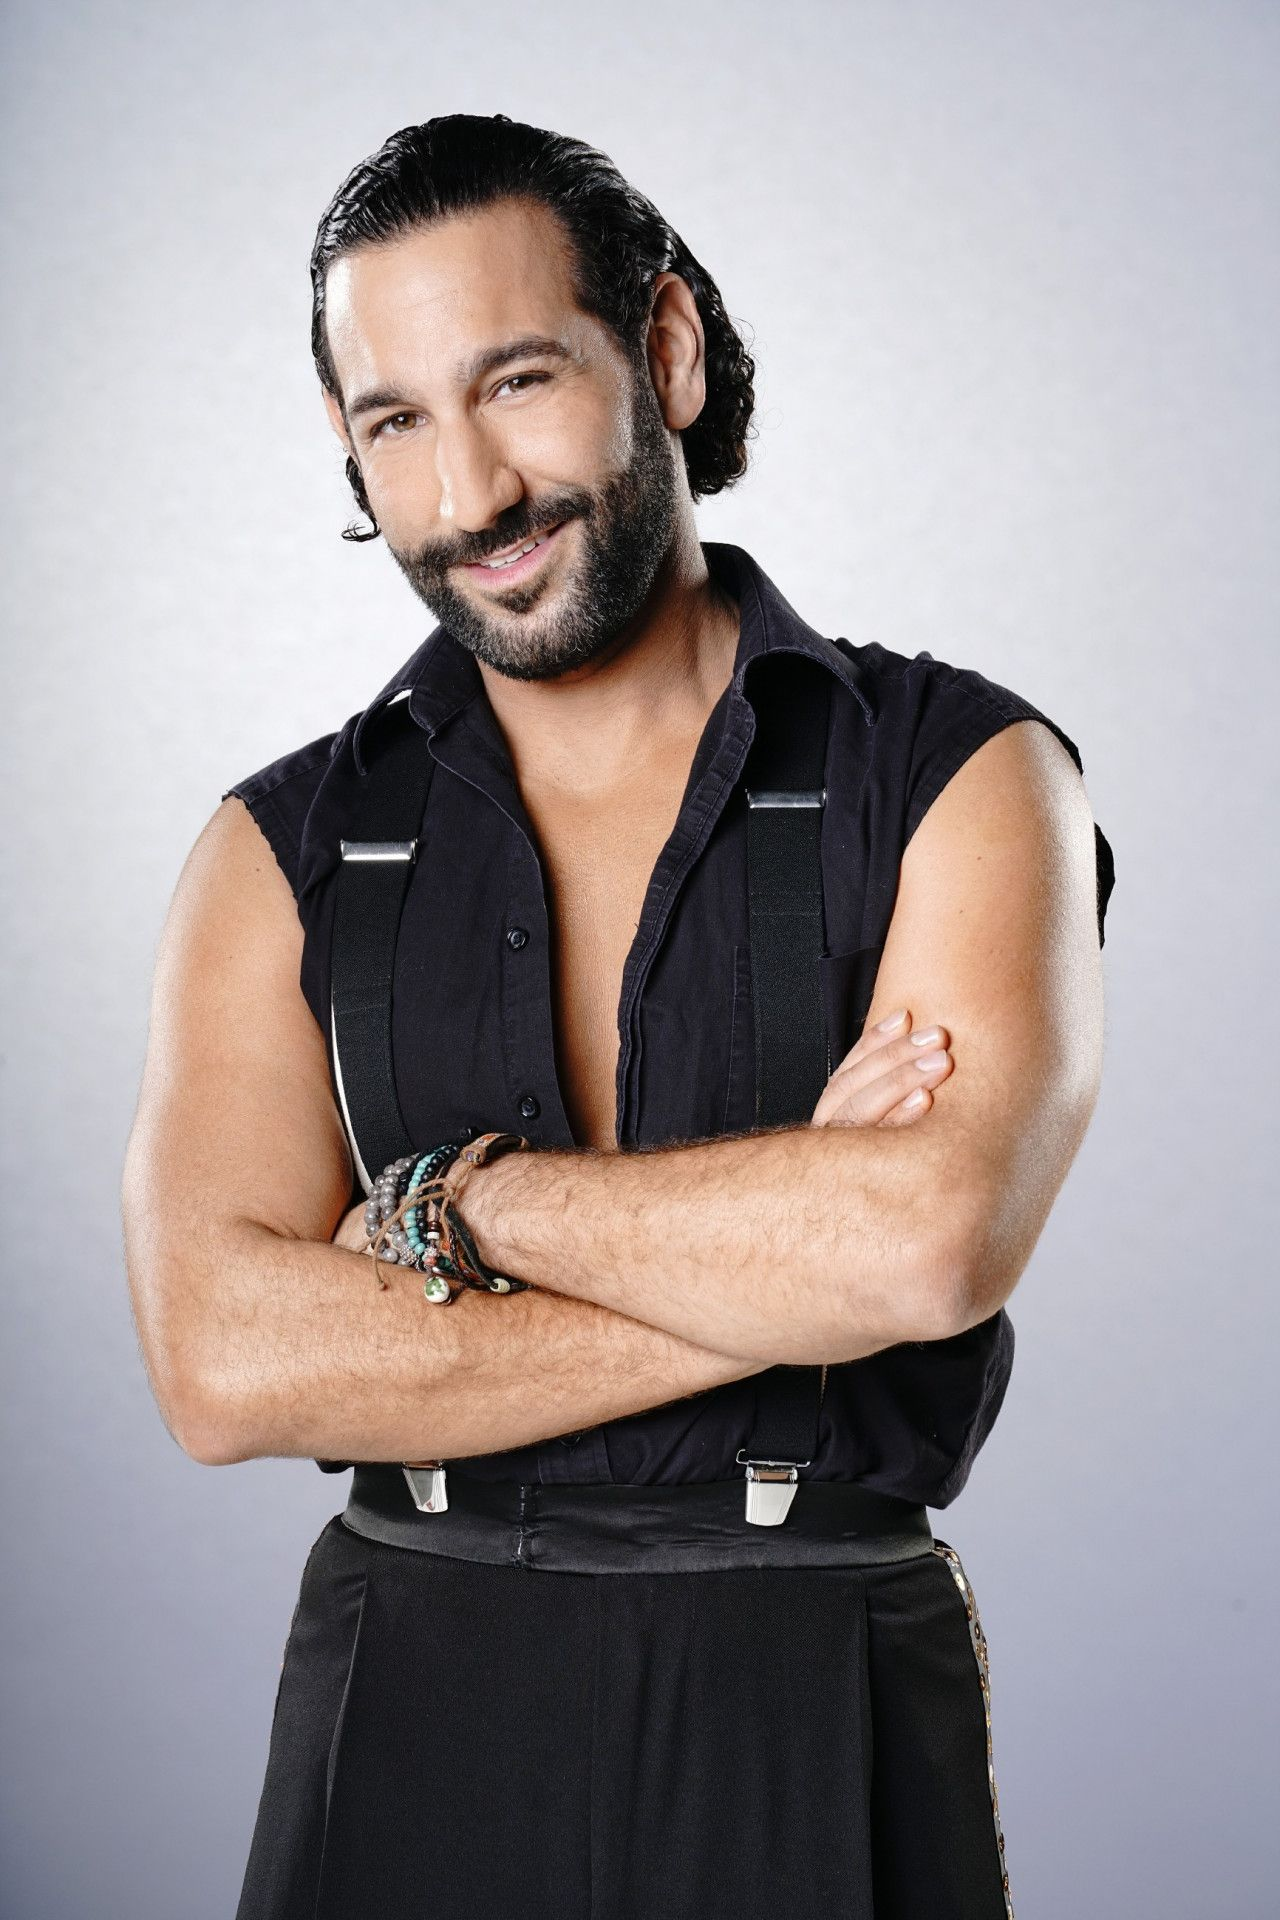 """Massimo Sinato ist schon seit 2010 regelmäßig dabei und hat die Show auch schon gewonnen (mit Sophia Thomalla). Der 38-Jährige aus Mannheim lernte bei """"Let's Dance"""" außerdem seine heutige Ehefrau Rebecca Mir kennen."""